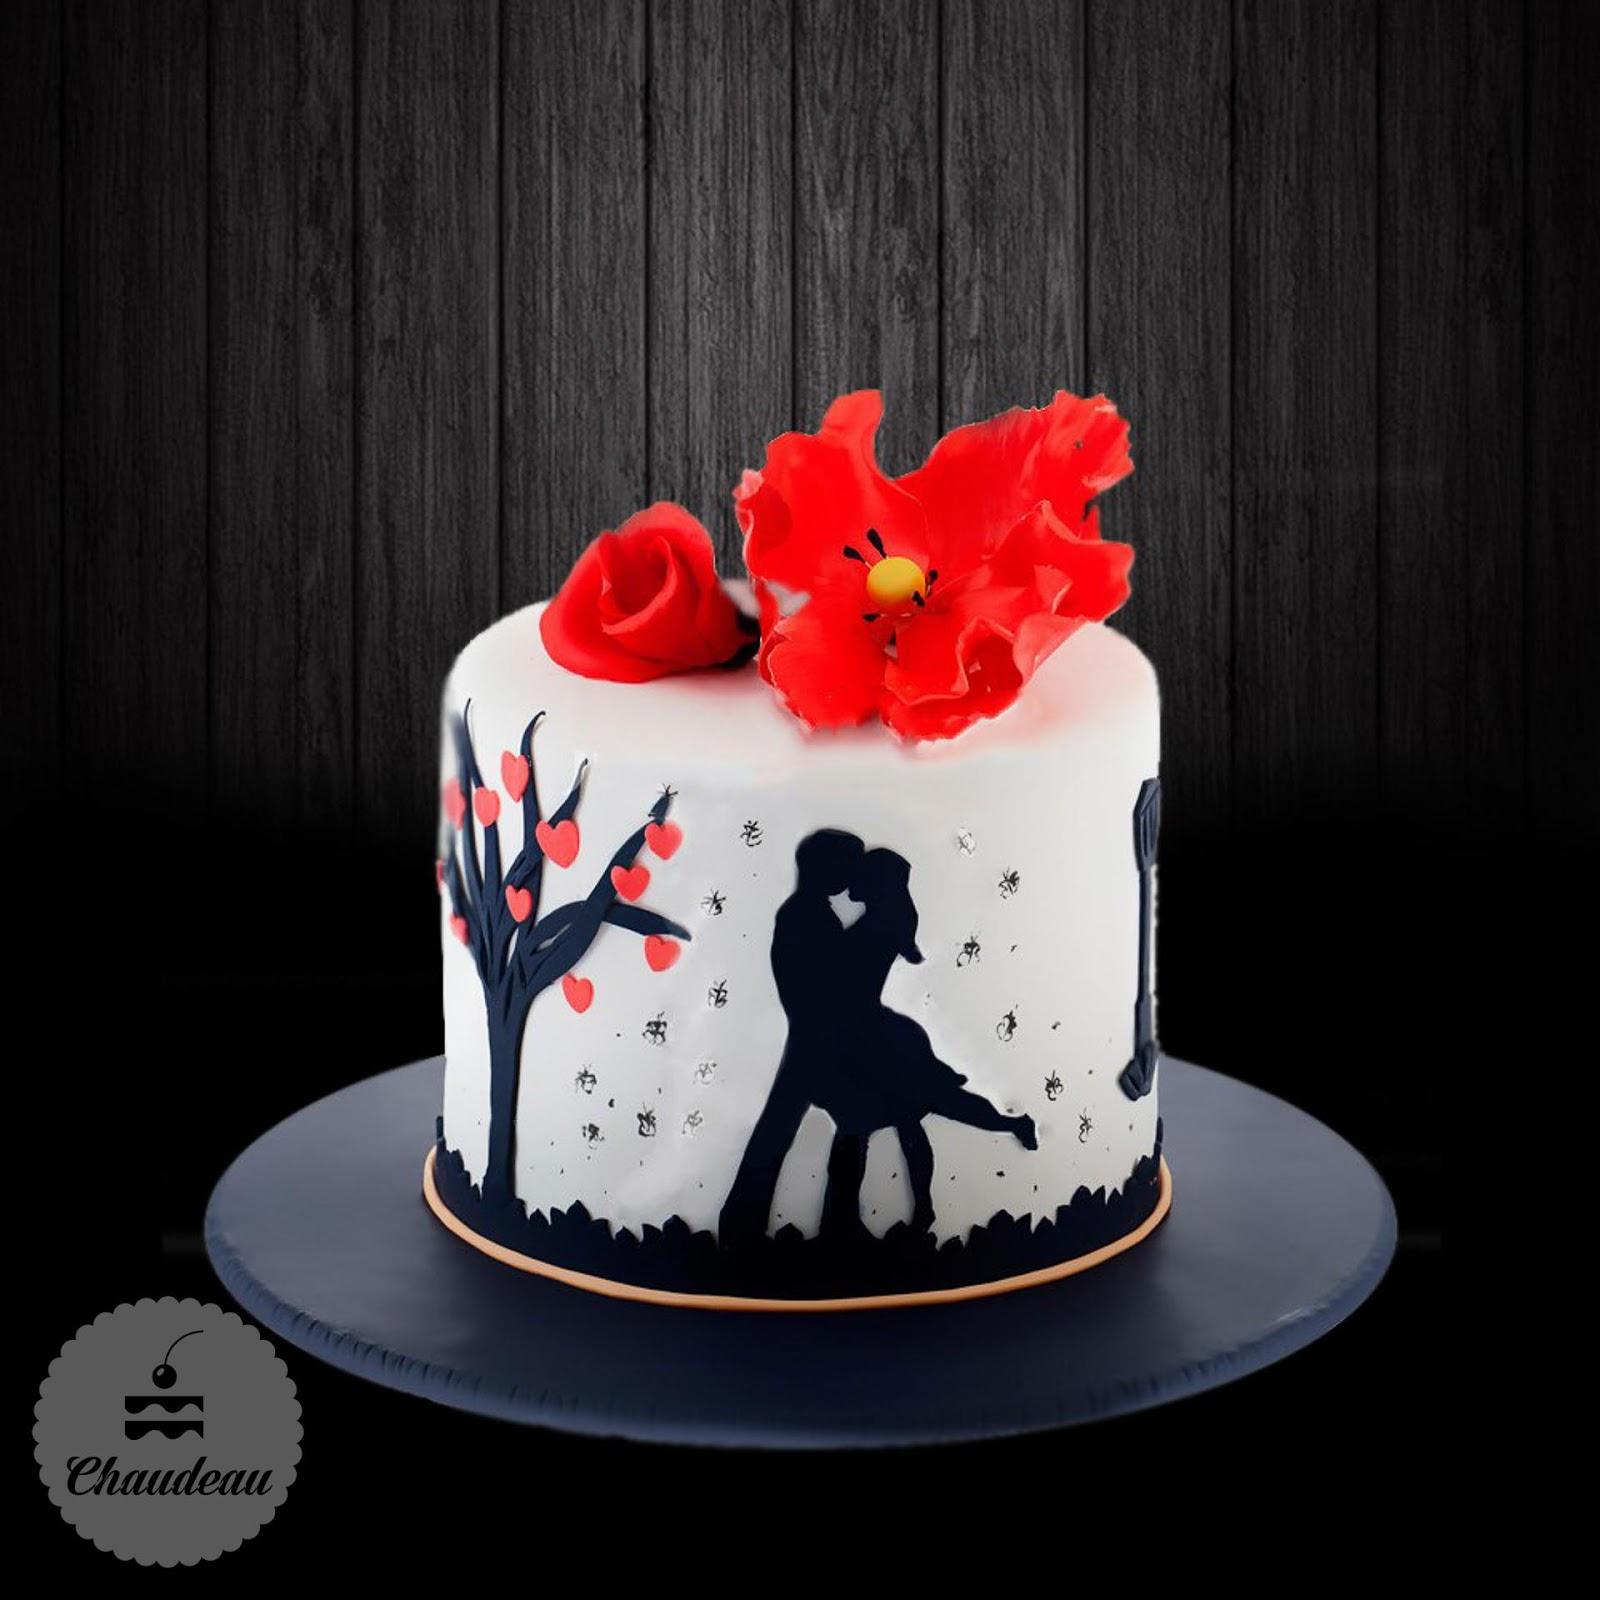 Торт для жены на день рождения фото